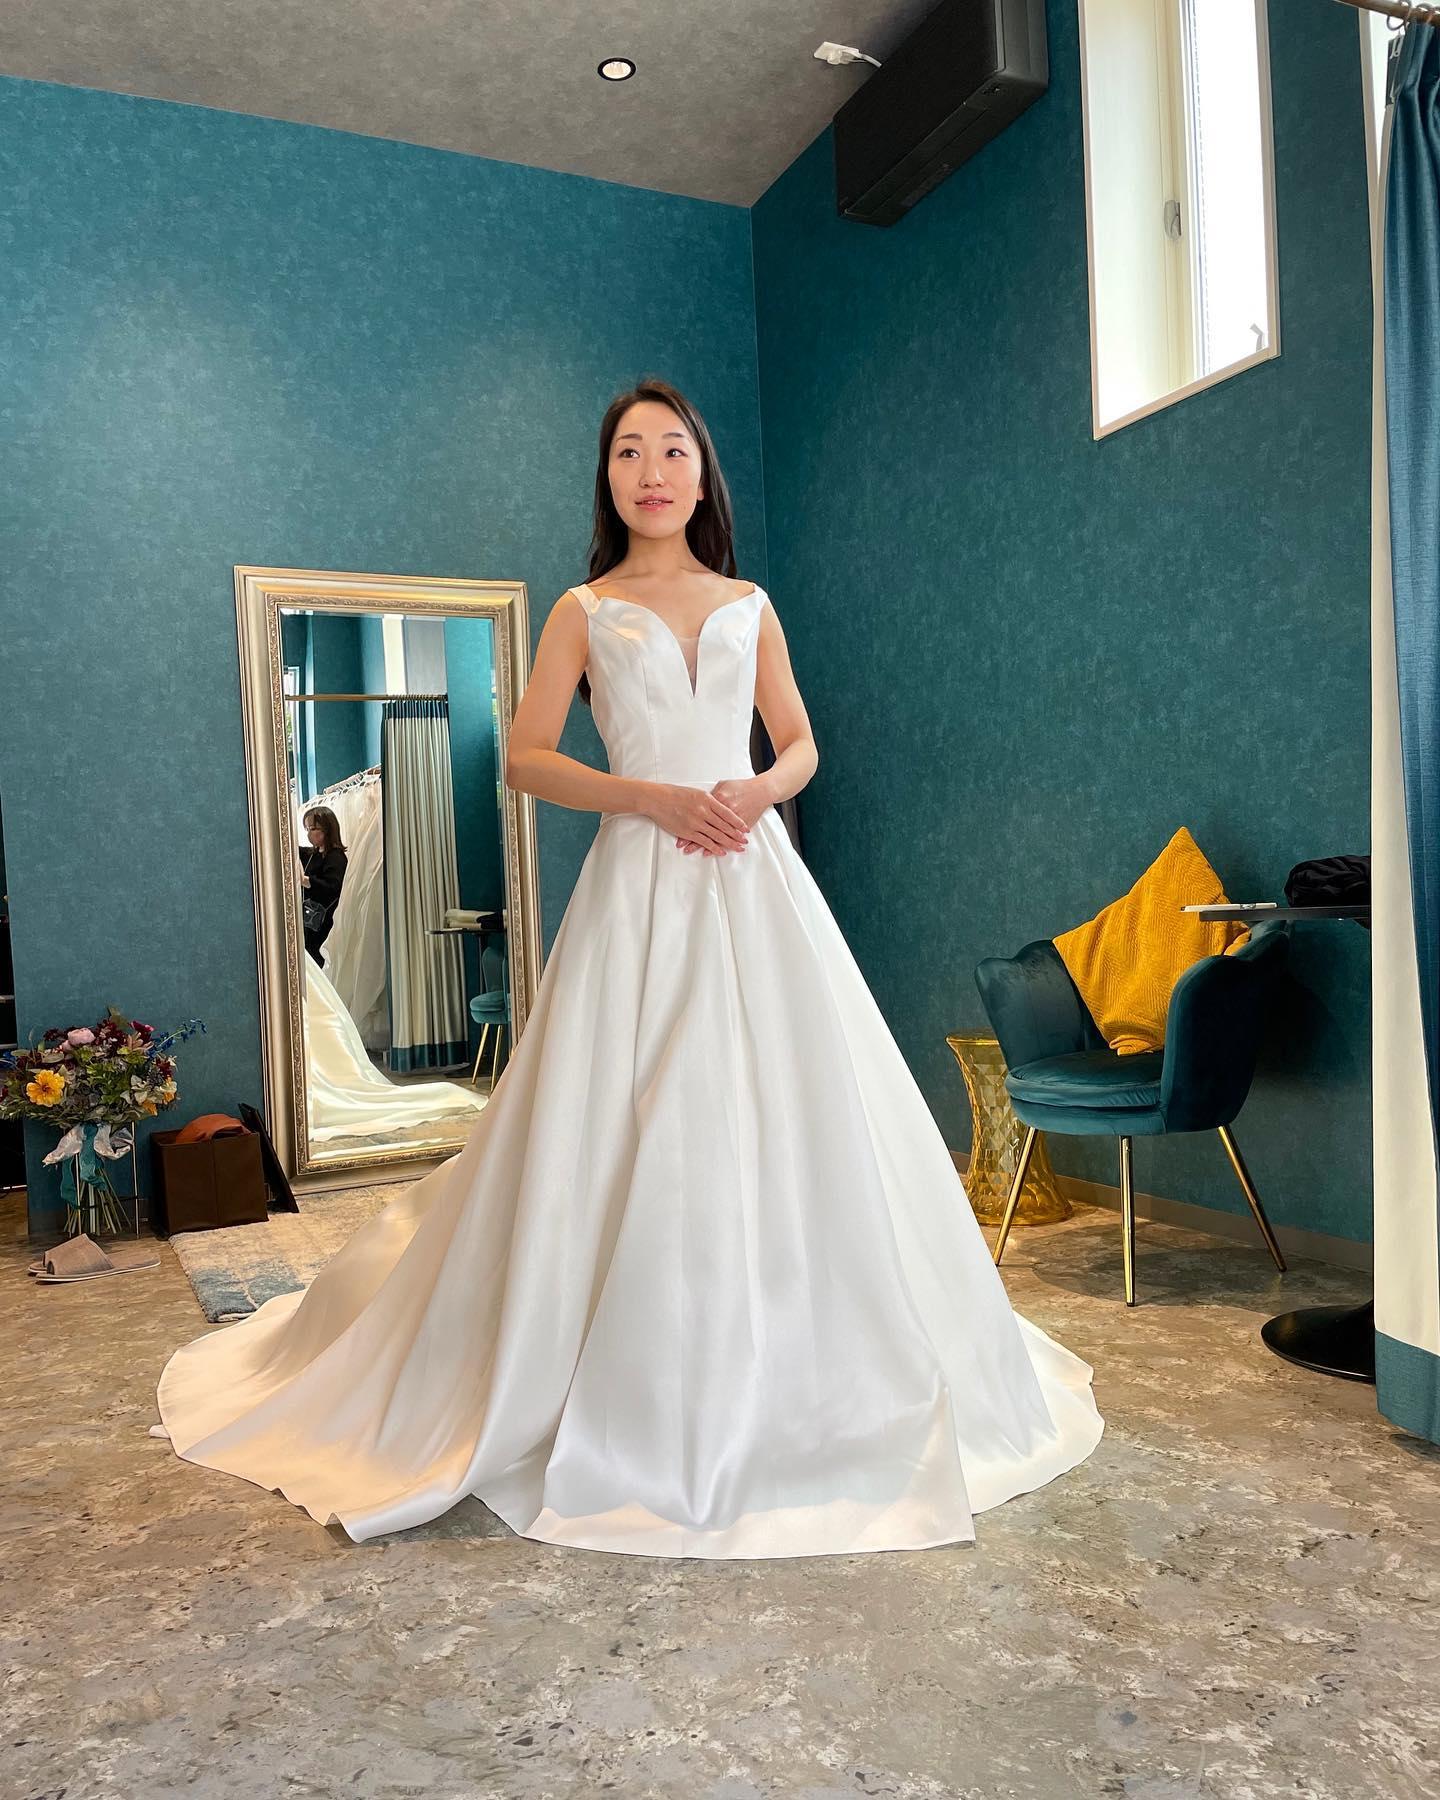 """・ミカドシルクの光沢が本当に美しい気品溢れるクラシックさが特徴の一着・フロントの深く開いたVカットが、上半身をスッキリと魅せてくれます大人のクラス感高まるドレスはホテルウェディングにもオススメです・""""ISPAHAN""""購入価格:¥360,000・#wedding #weddingdress #instagood #instalike #claras #paris #vowrenewal#ウェディングドレス #プレ花嫁 #ドレス試着 #ドレス迷子#2021冬婚 #ヘアメイク #結婚式  #ドレス選び #前撮り #インポートドレス #フォトウェディング #ウェディングヘア  #フォト婚 #ニューノーマル #ブライダルフォト #カップルフォト #ウェディングドレス探し #ウェディングドレス試着 #セルドレス #ドレスショップ #バウリニューアル #ホテルウェディング"""